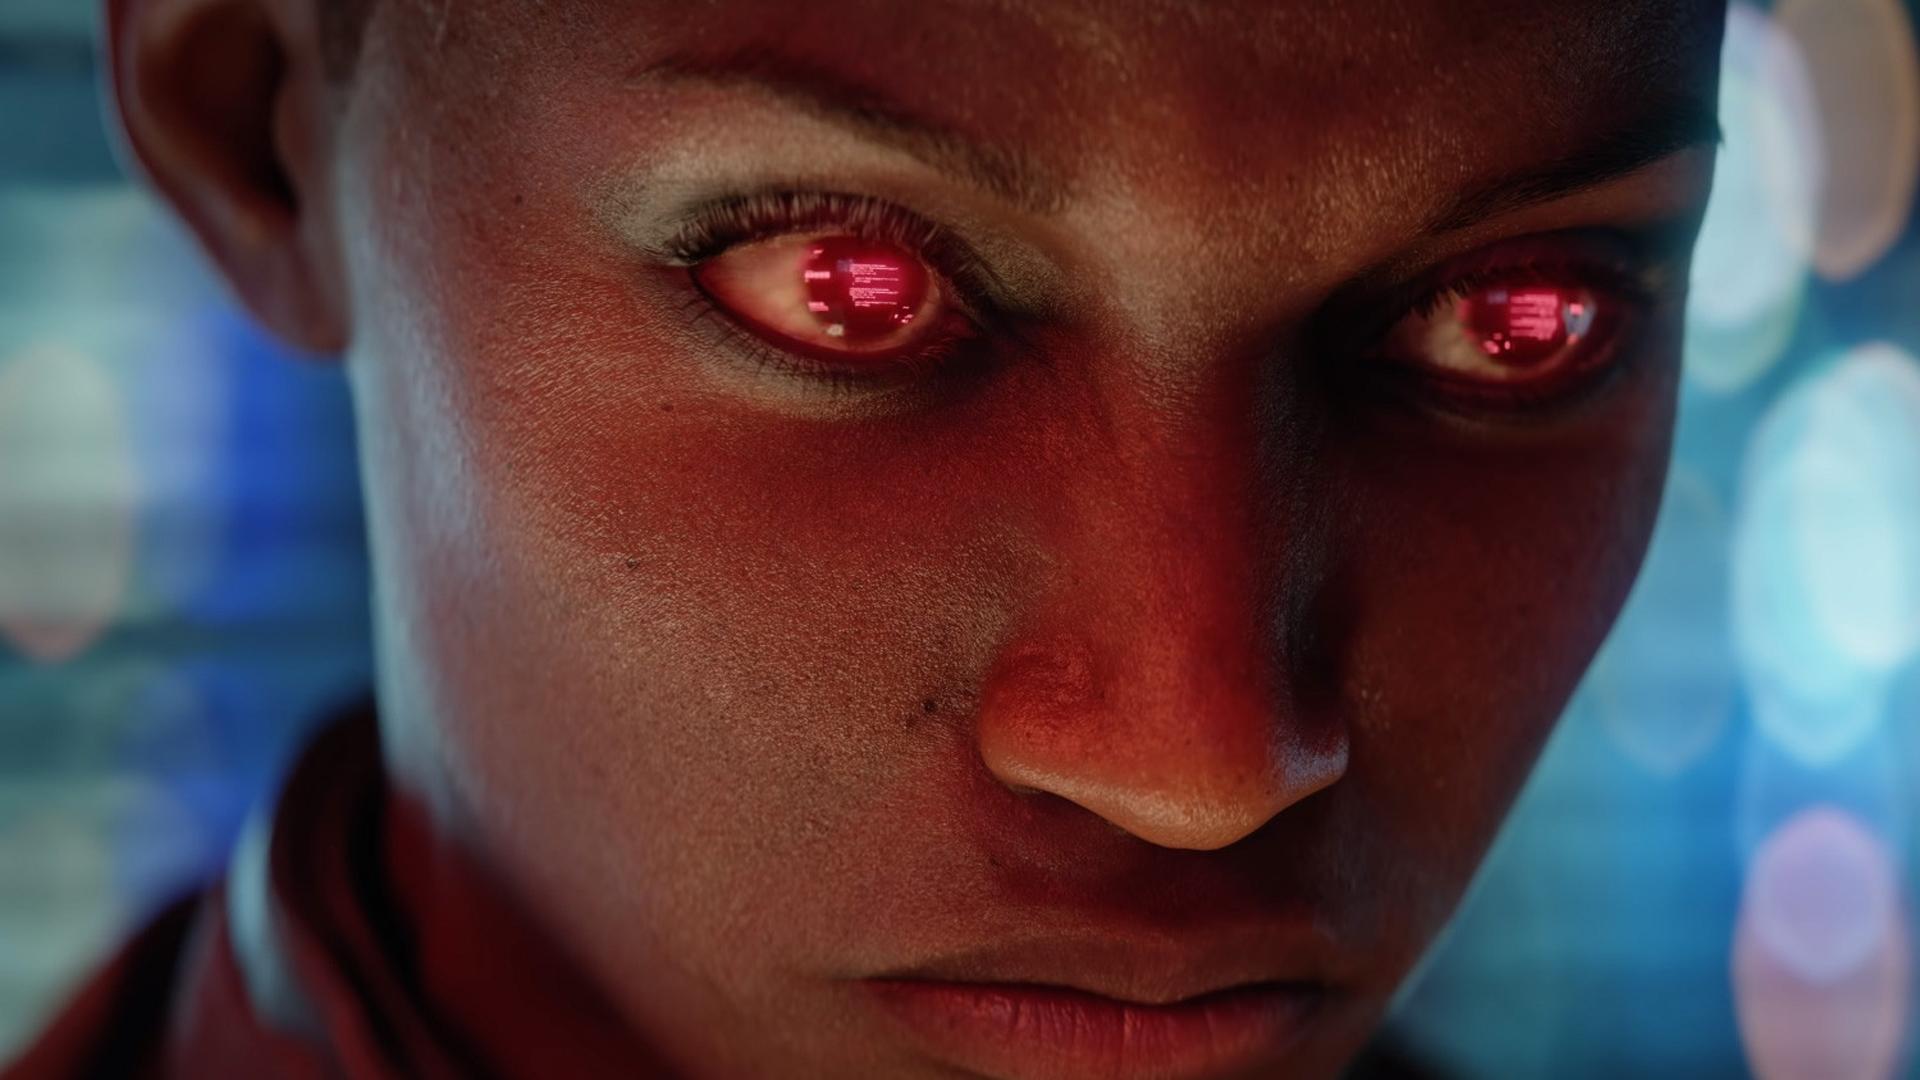 Многопользовательская игра Cyberpunk 2077 имеет сюжетные элементы, она не выйдет до тех пор, пока она «не уйдет в историю»